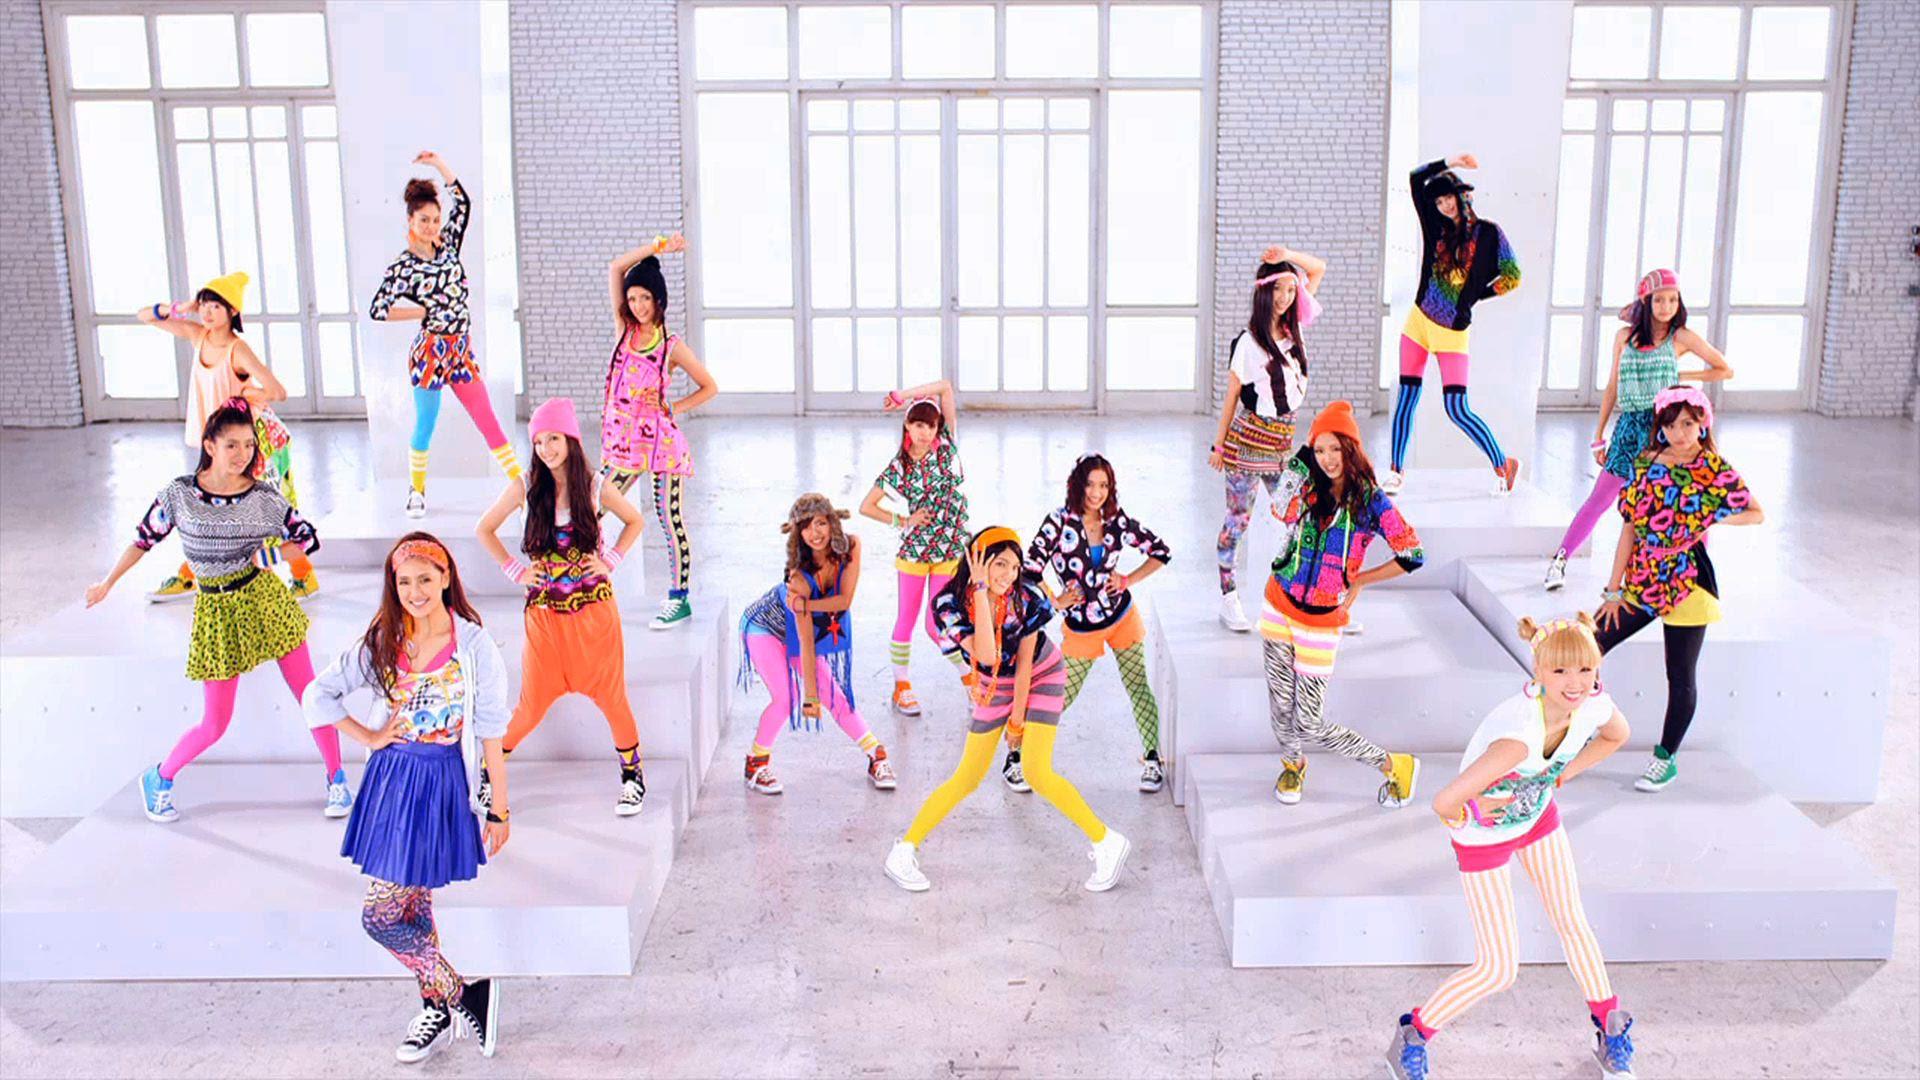 E Girls E Girls Wallpaper 37455396 Fanpop Page 11